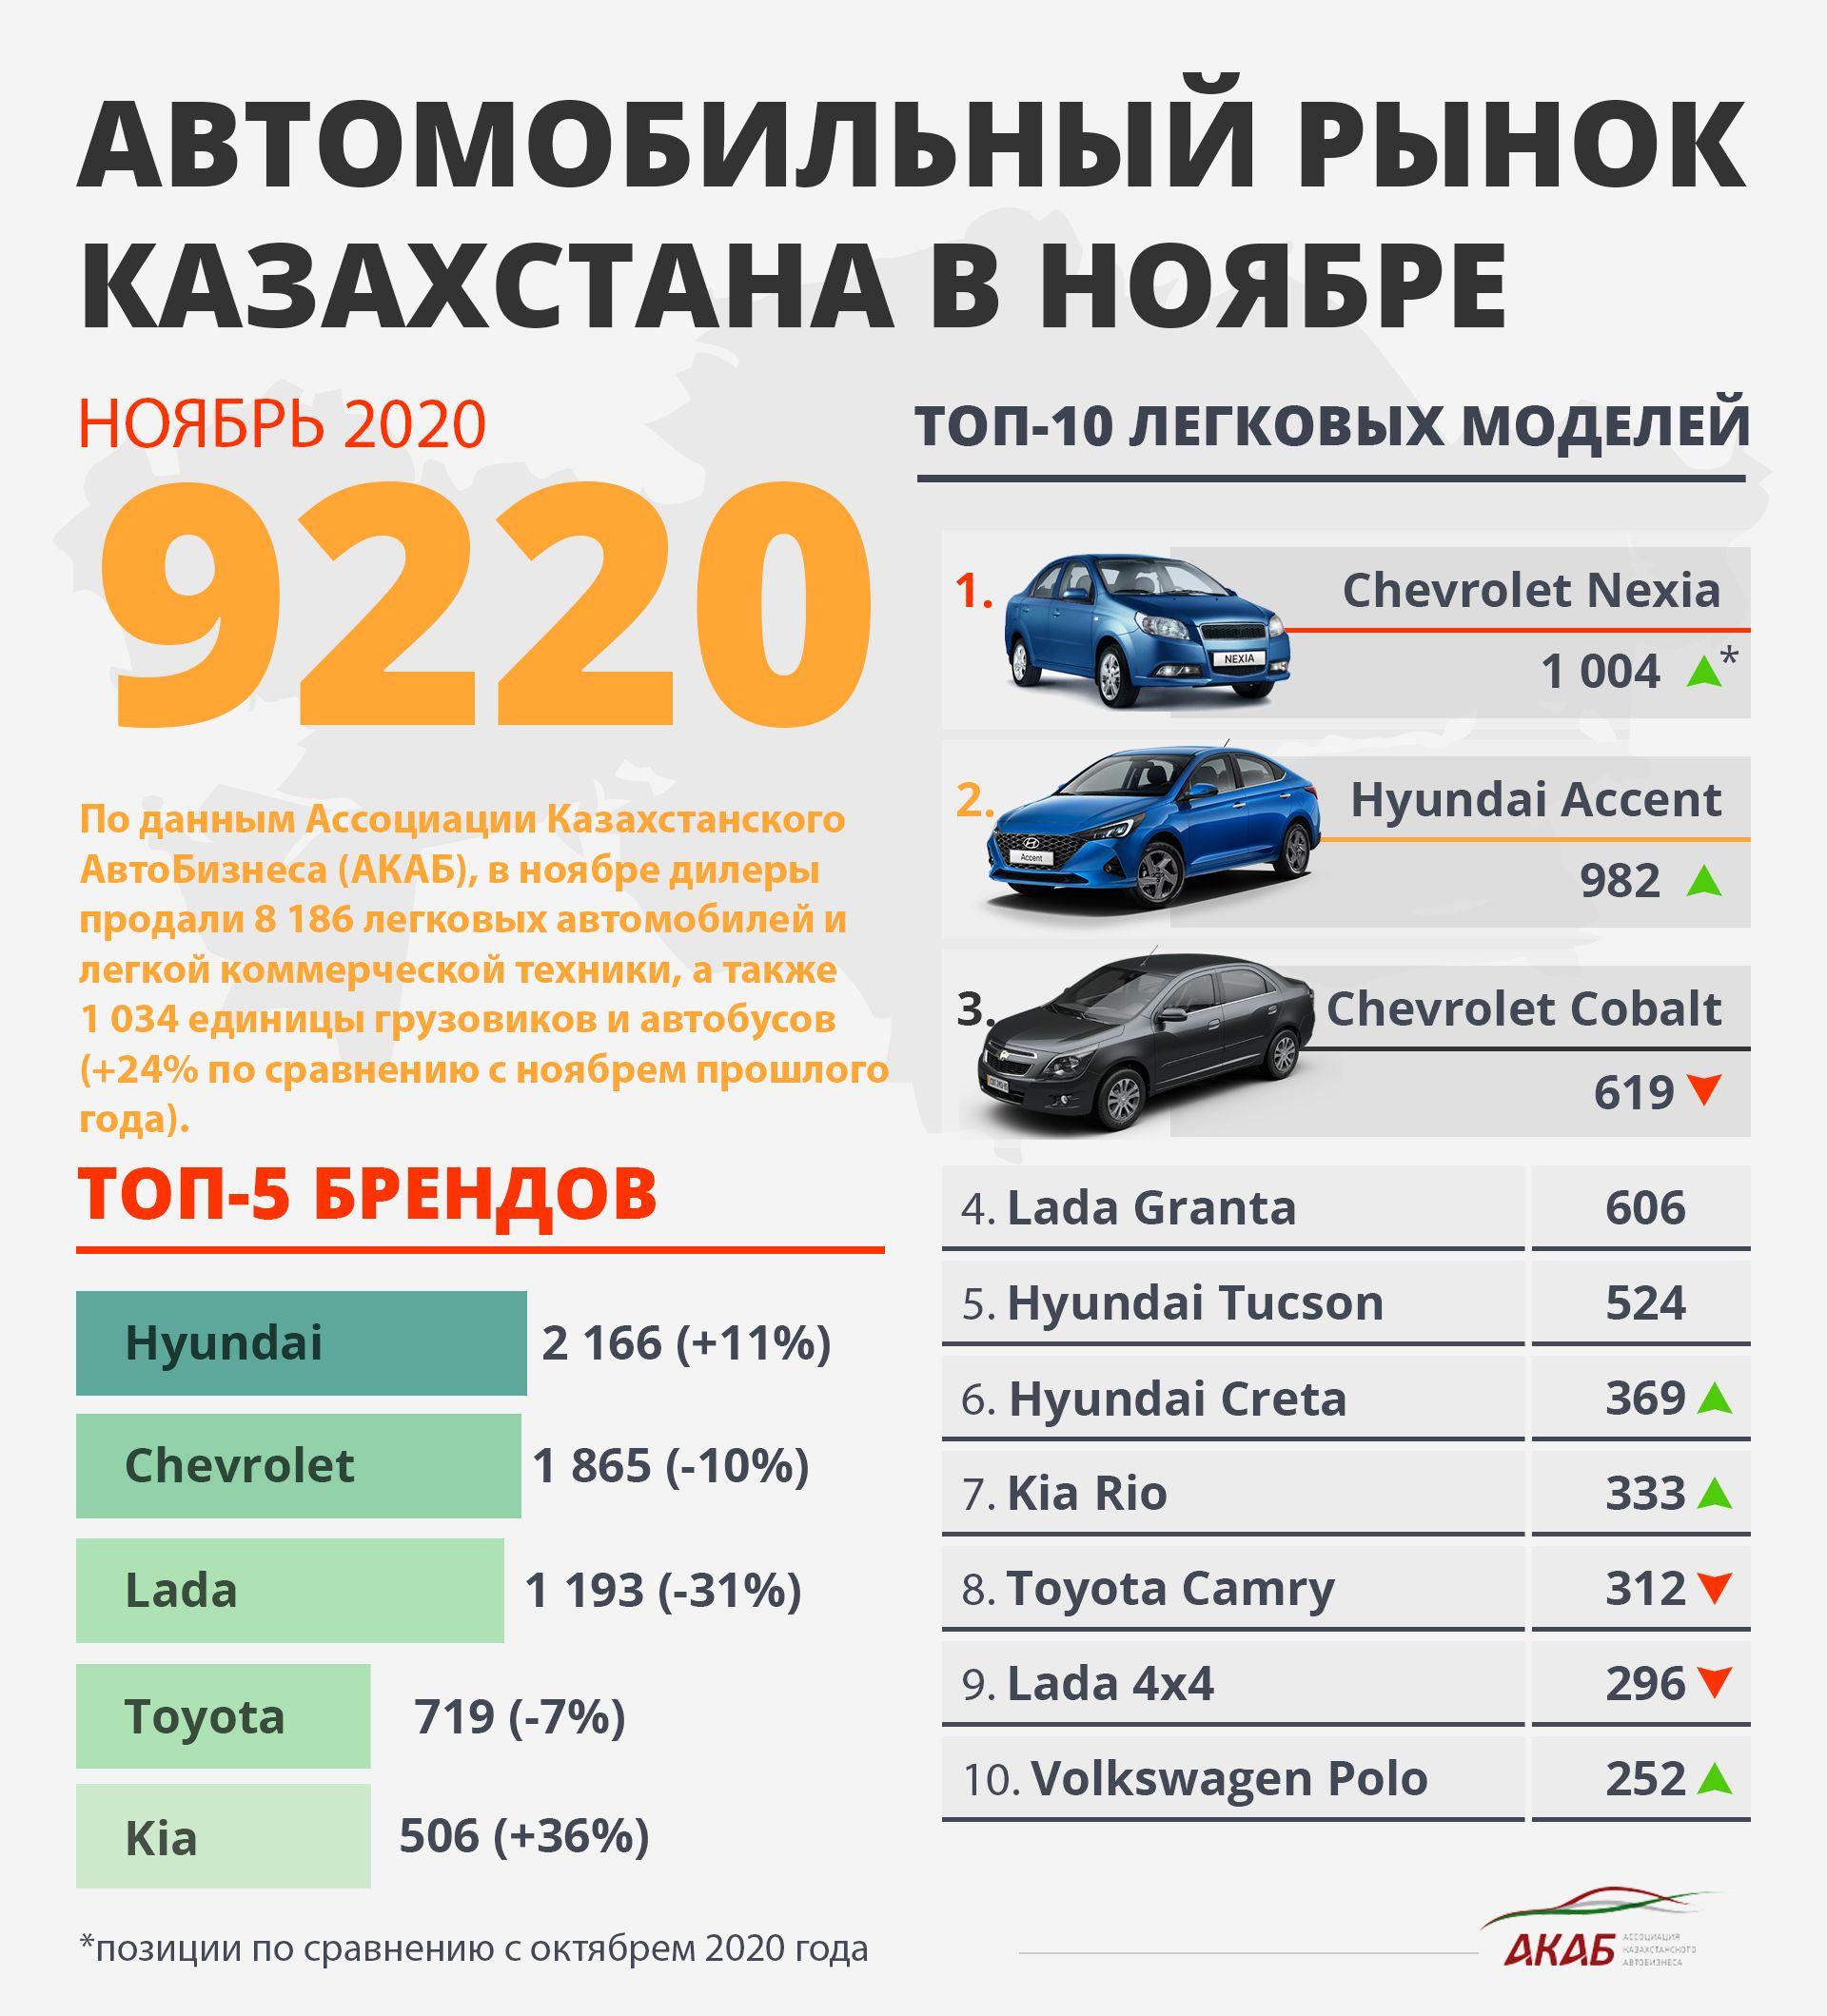 Итоги продаж за ноябрь, новая Elantra в РК и уход Datsun из России 533041 - Kapital.kz